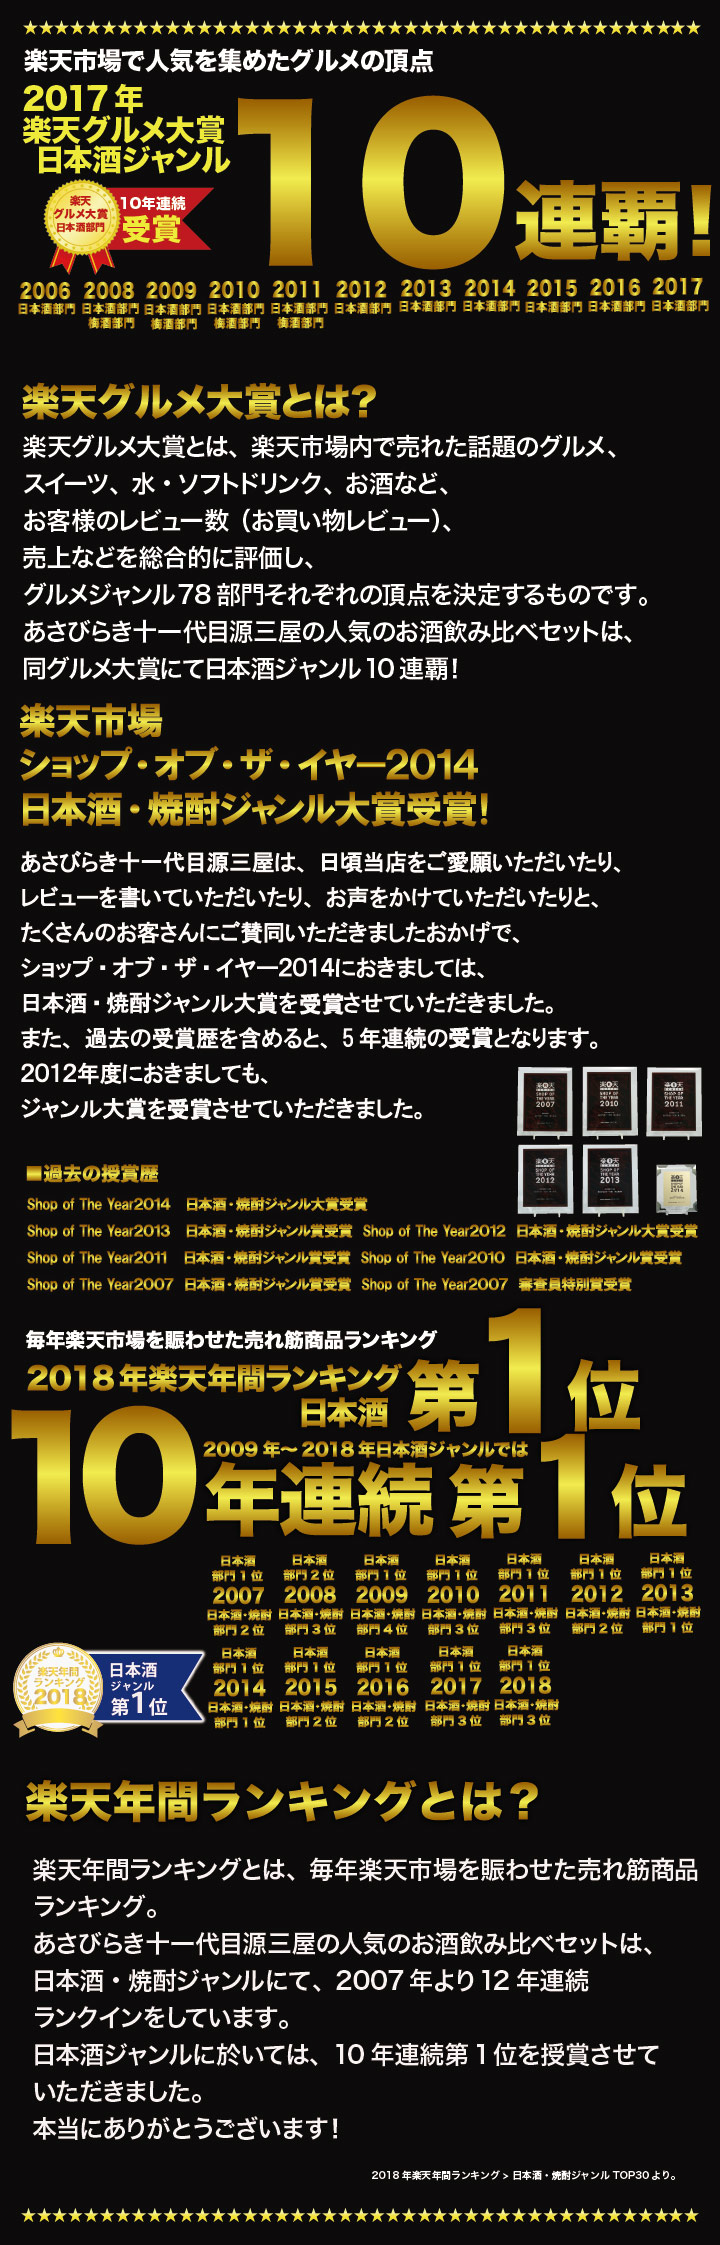 楽天年間ランキング日本酒で10年連続第1位!グルメ大賞10年連続受賞